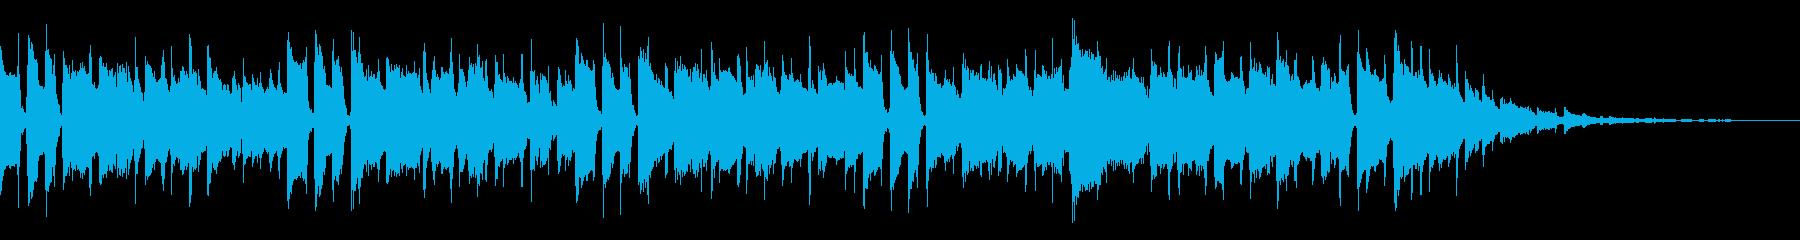 プロフィールビデオ向けの再生済みの波形